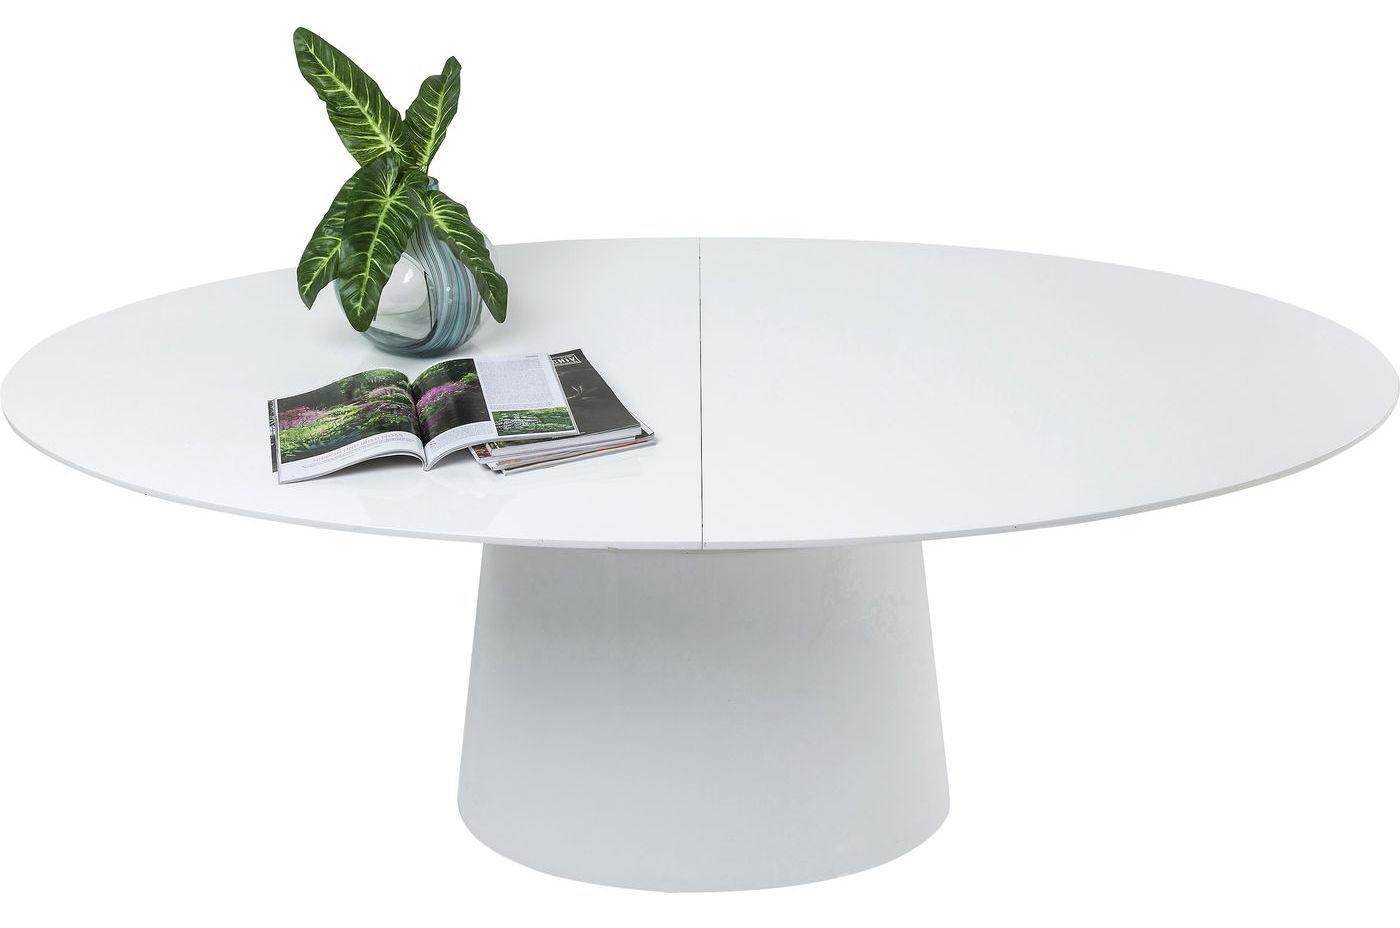 Interstil uitschuifbare eettafel montreux l180 220 x b90 x h75 cm